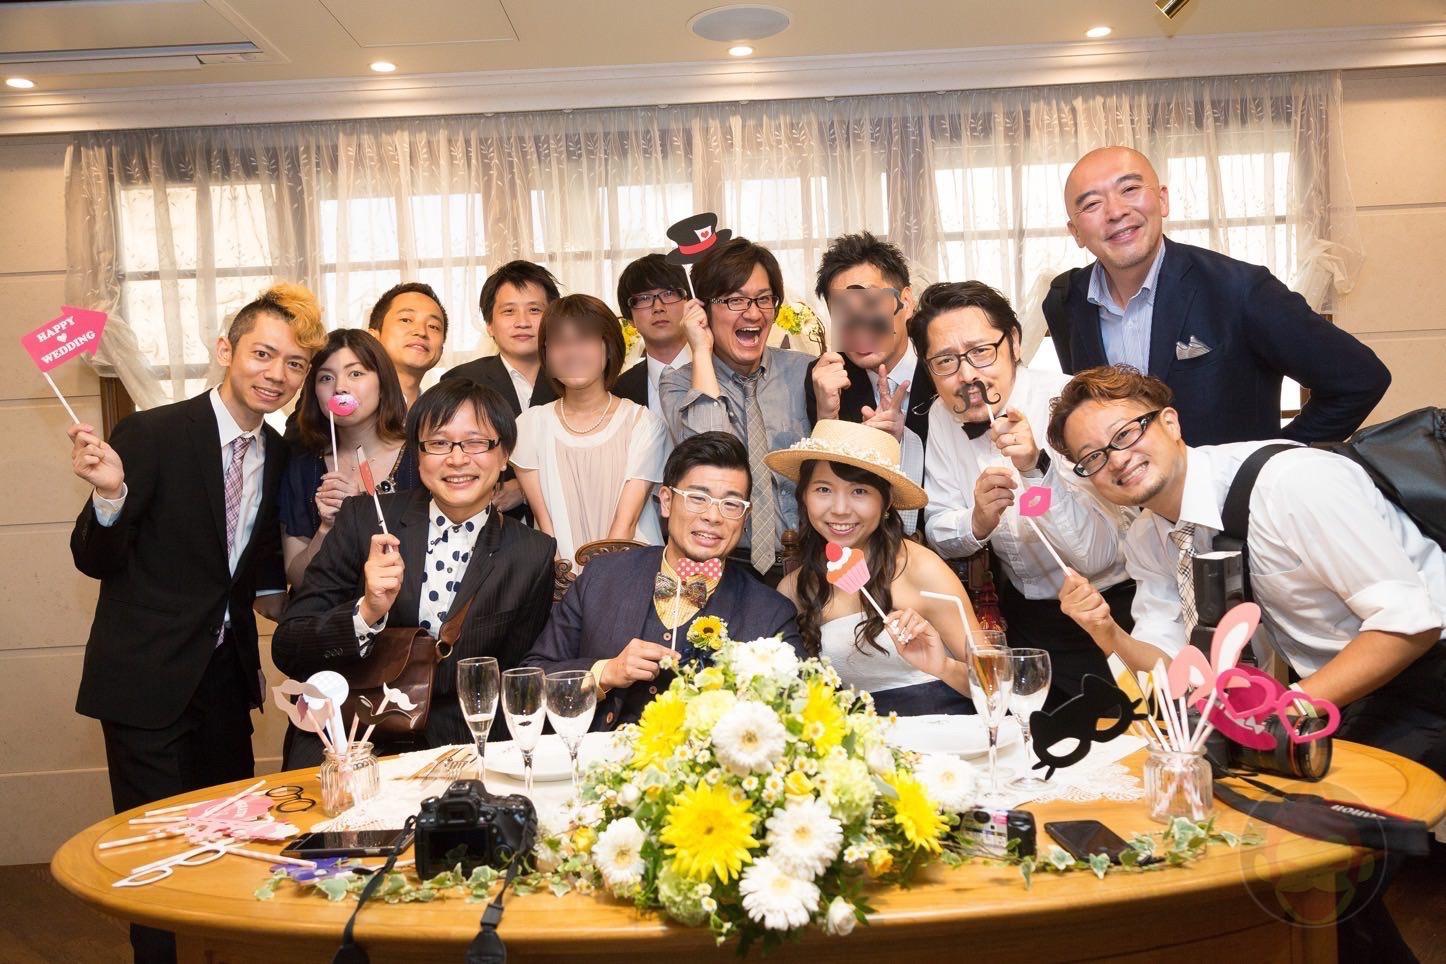 Hanzoya-Wedding-GoriMeYomeMe-125.jpg